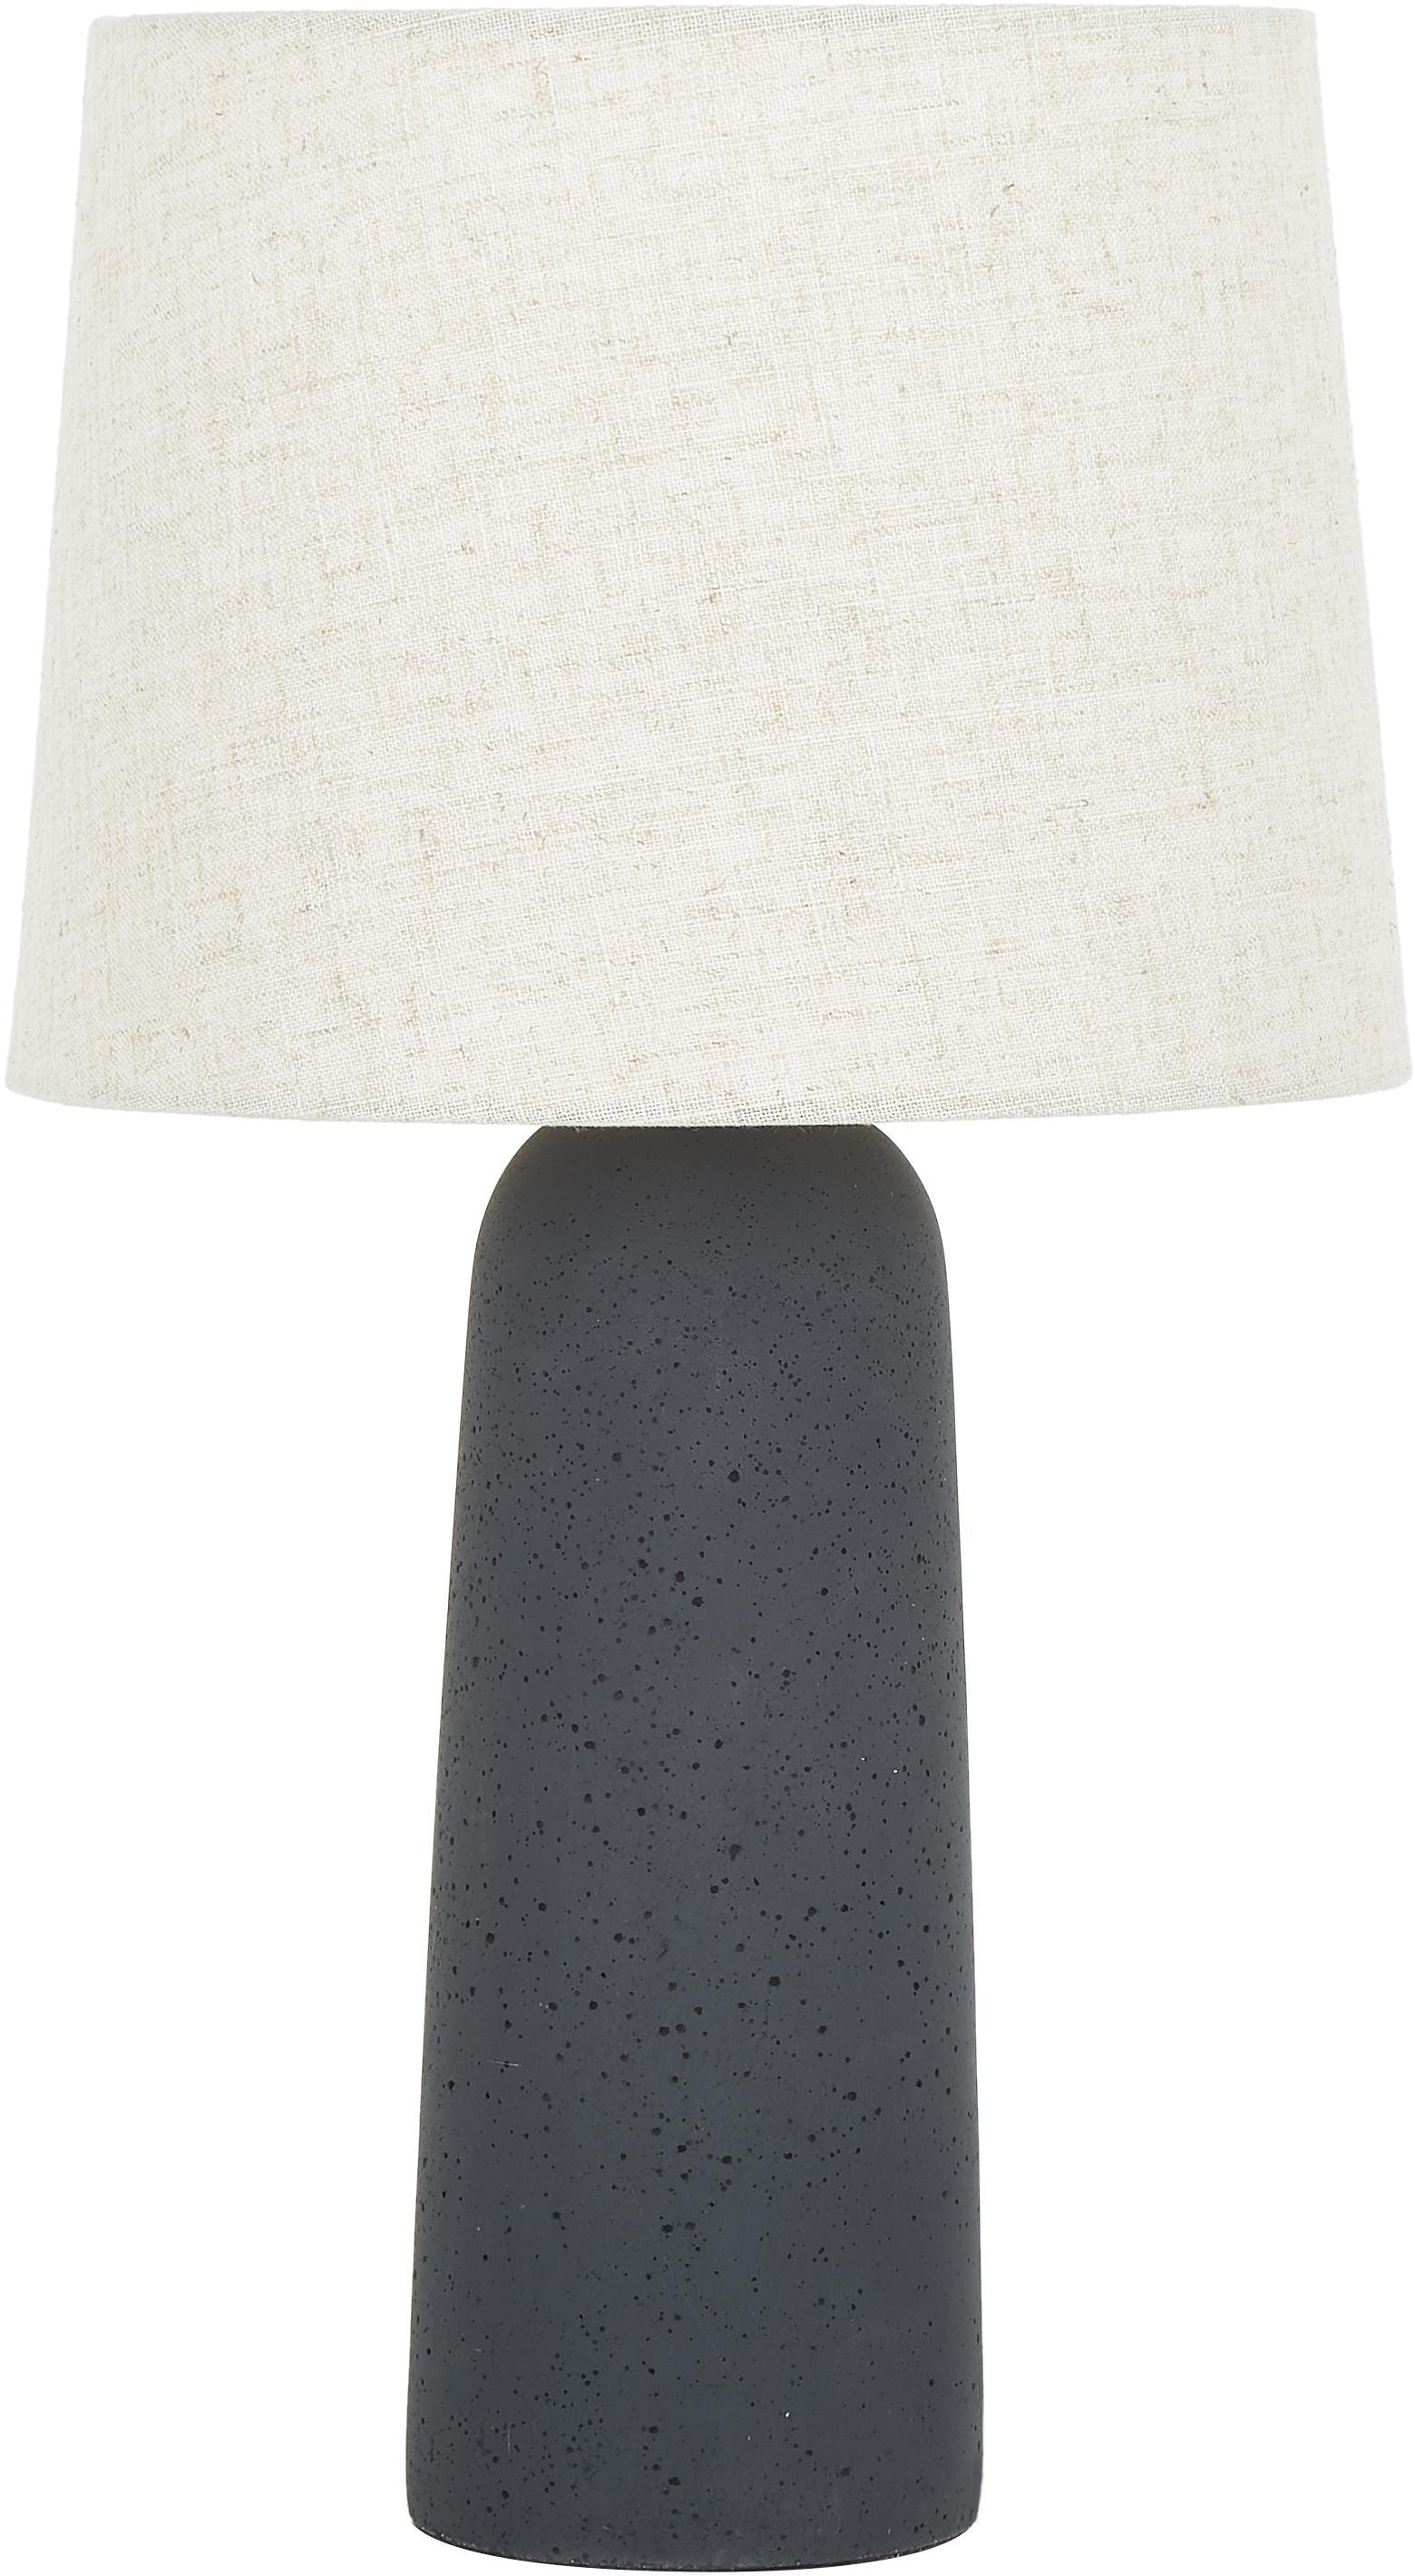 Lampa stołowa Kaya, Klosz: beżowy Podstawa lampy: ciemny szary Kabel: czarny, Ø 29 x W 52 cm